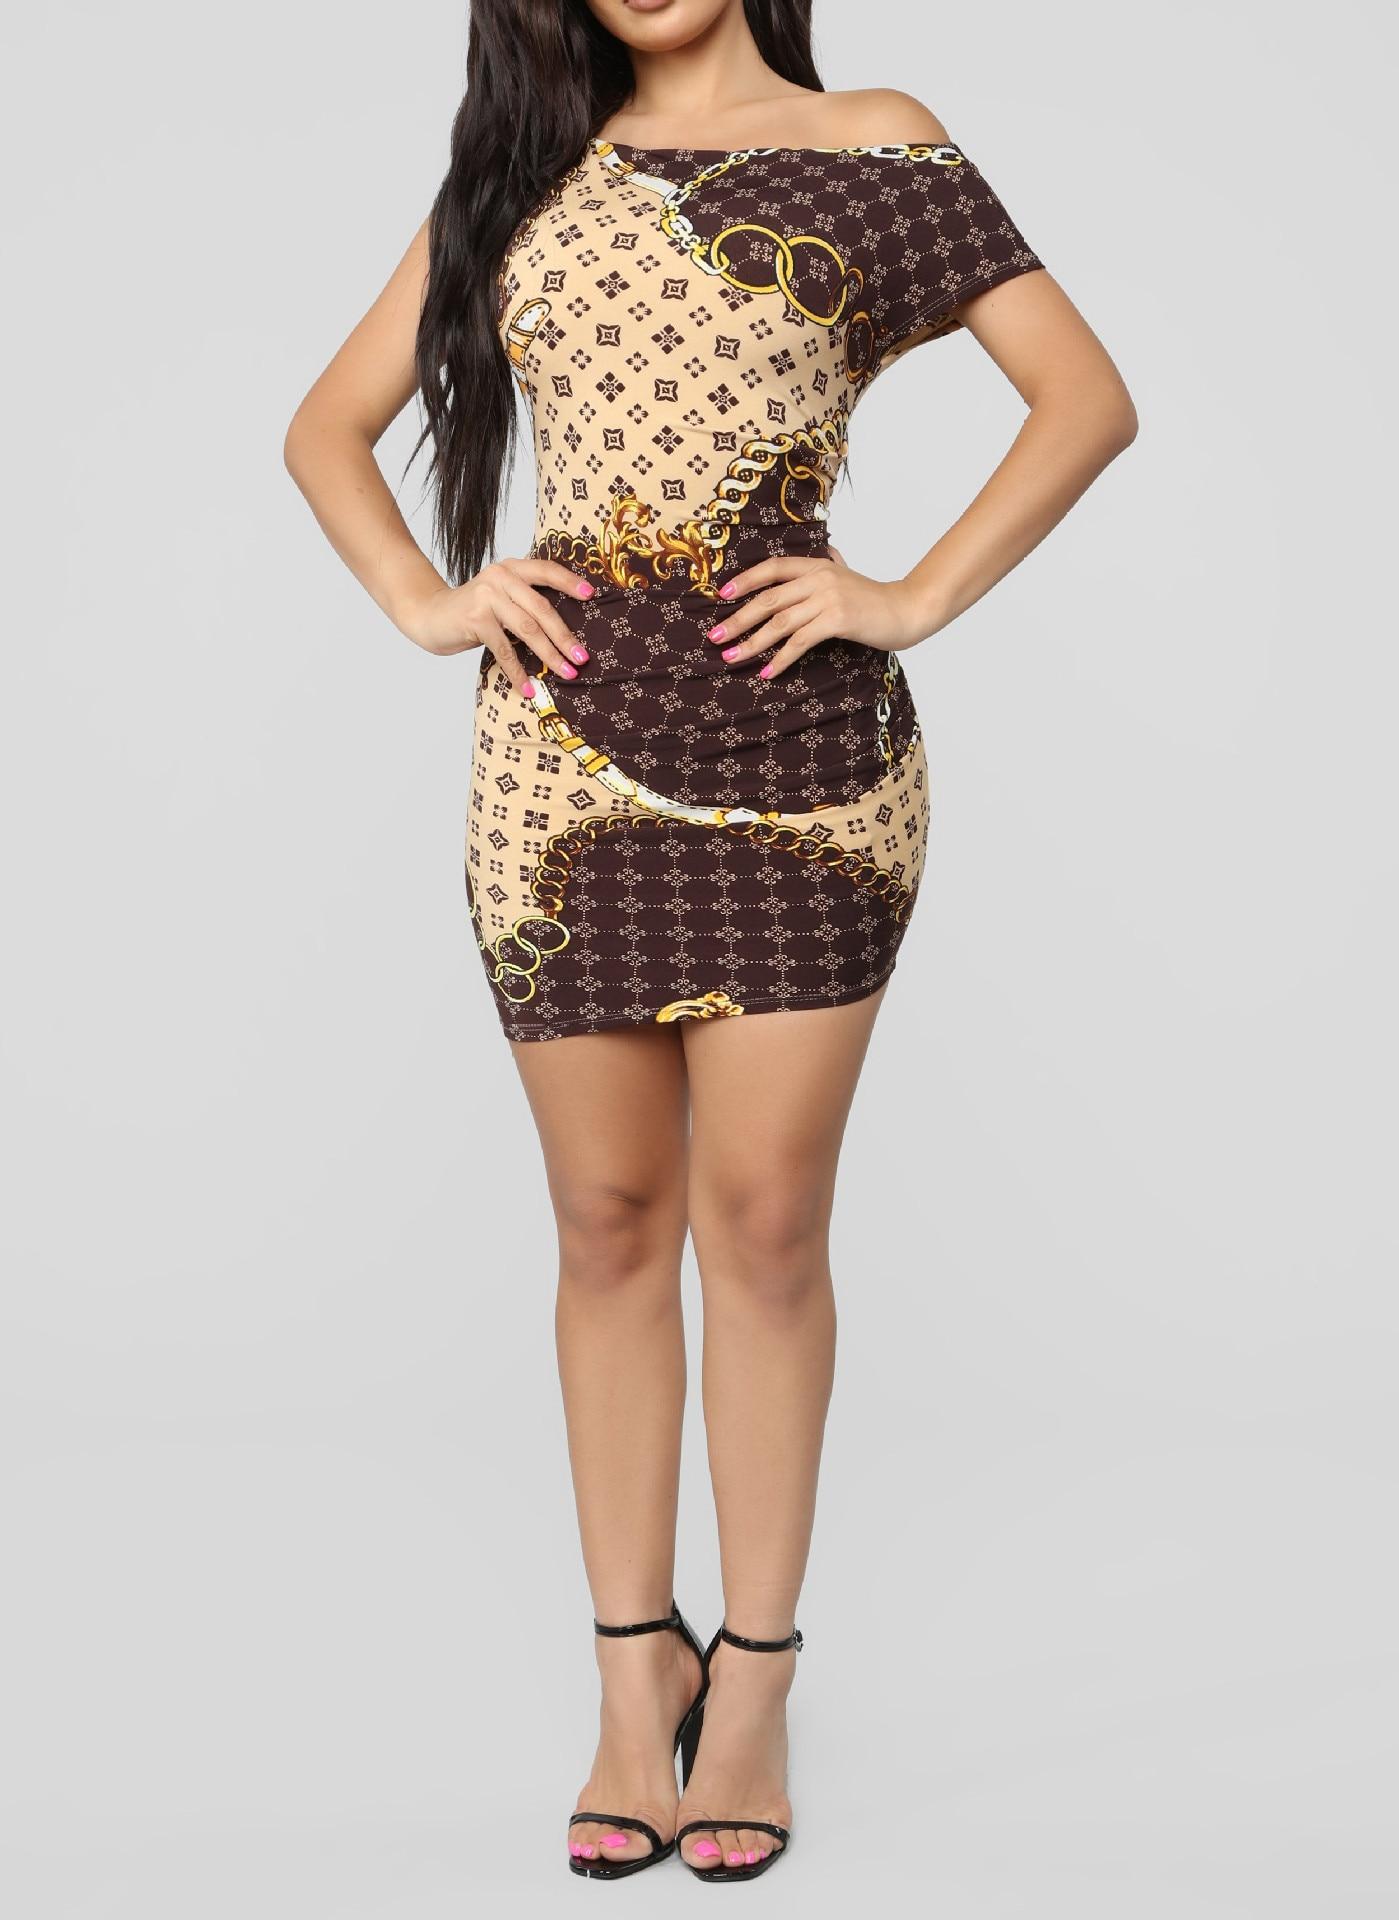 2019 летнее Новое сексуальное модное платье с косым воротником и принтом с золотой цепочкой